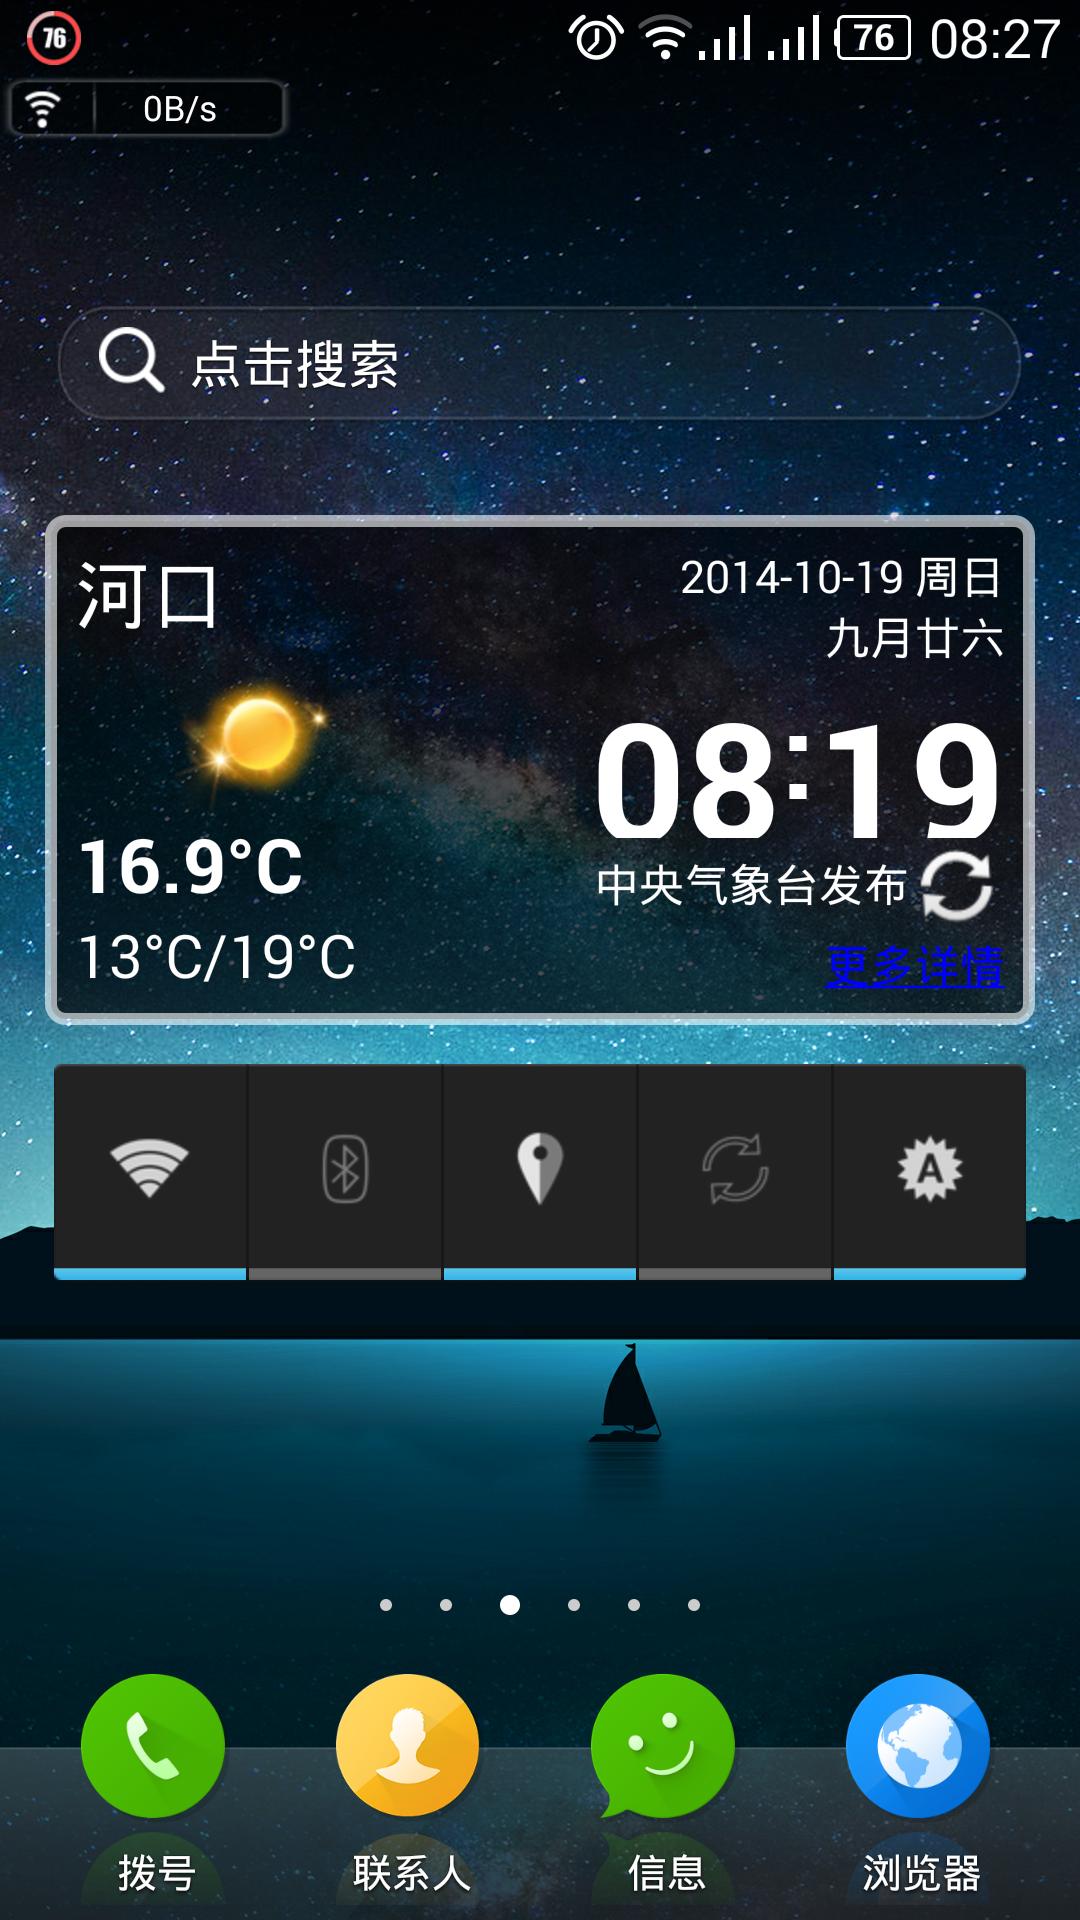 中兴手机提取的天气时钟插件